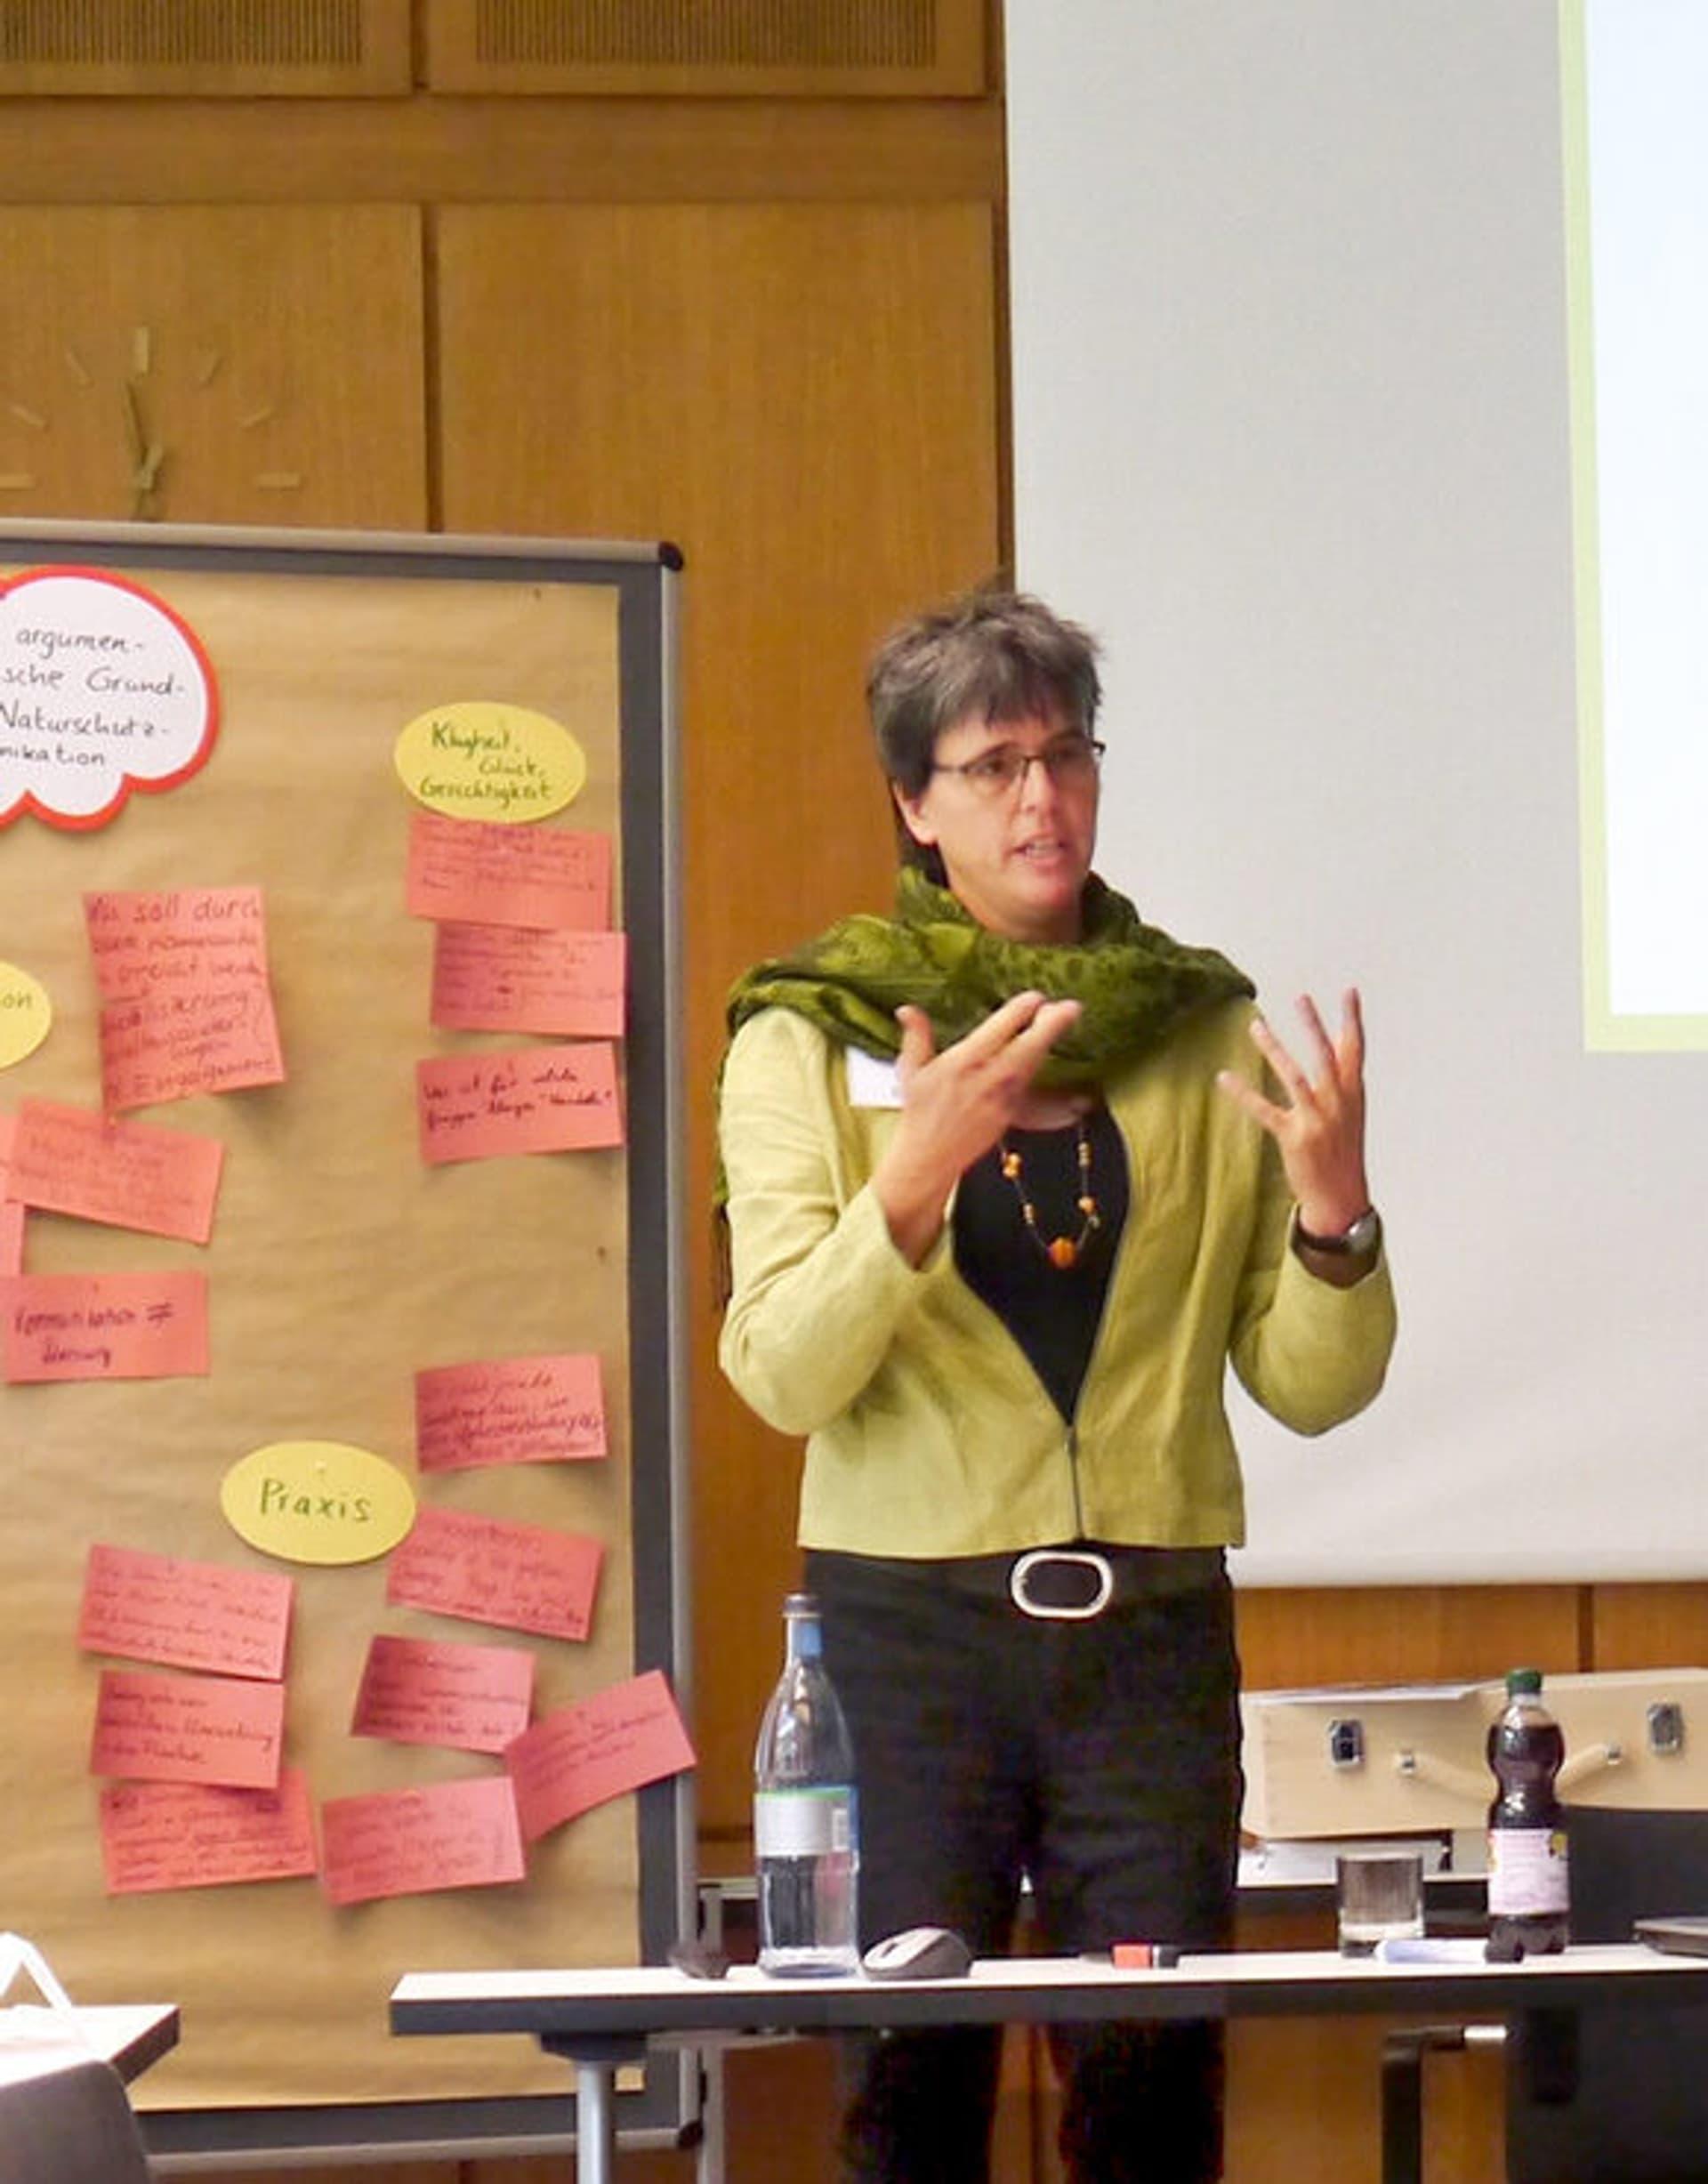 Uta Eser: Frau mit grüner Jacke und schwarzer Hose vor Flip-Chart